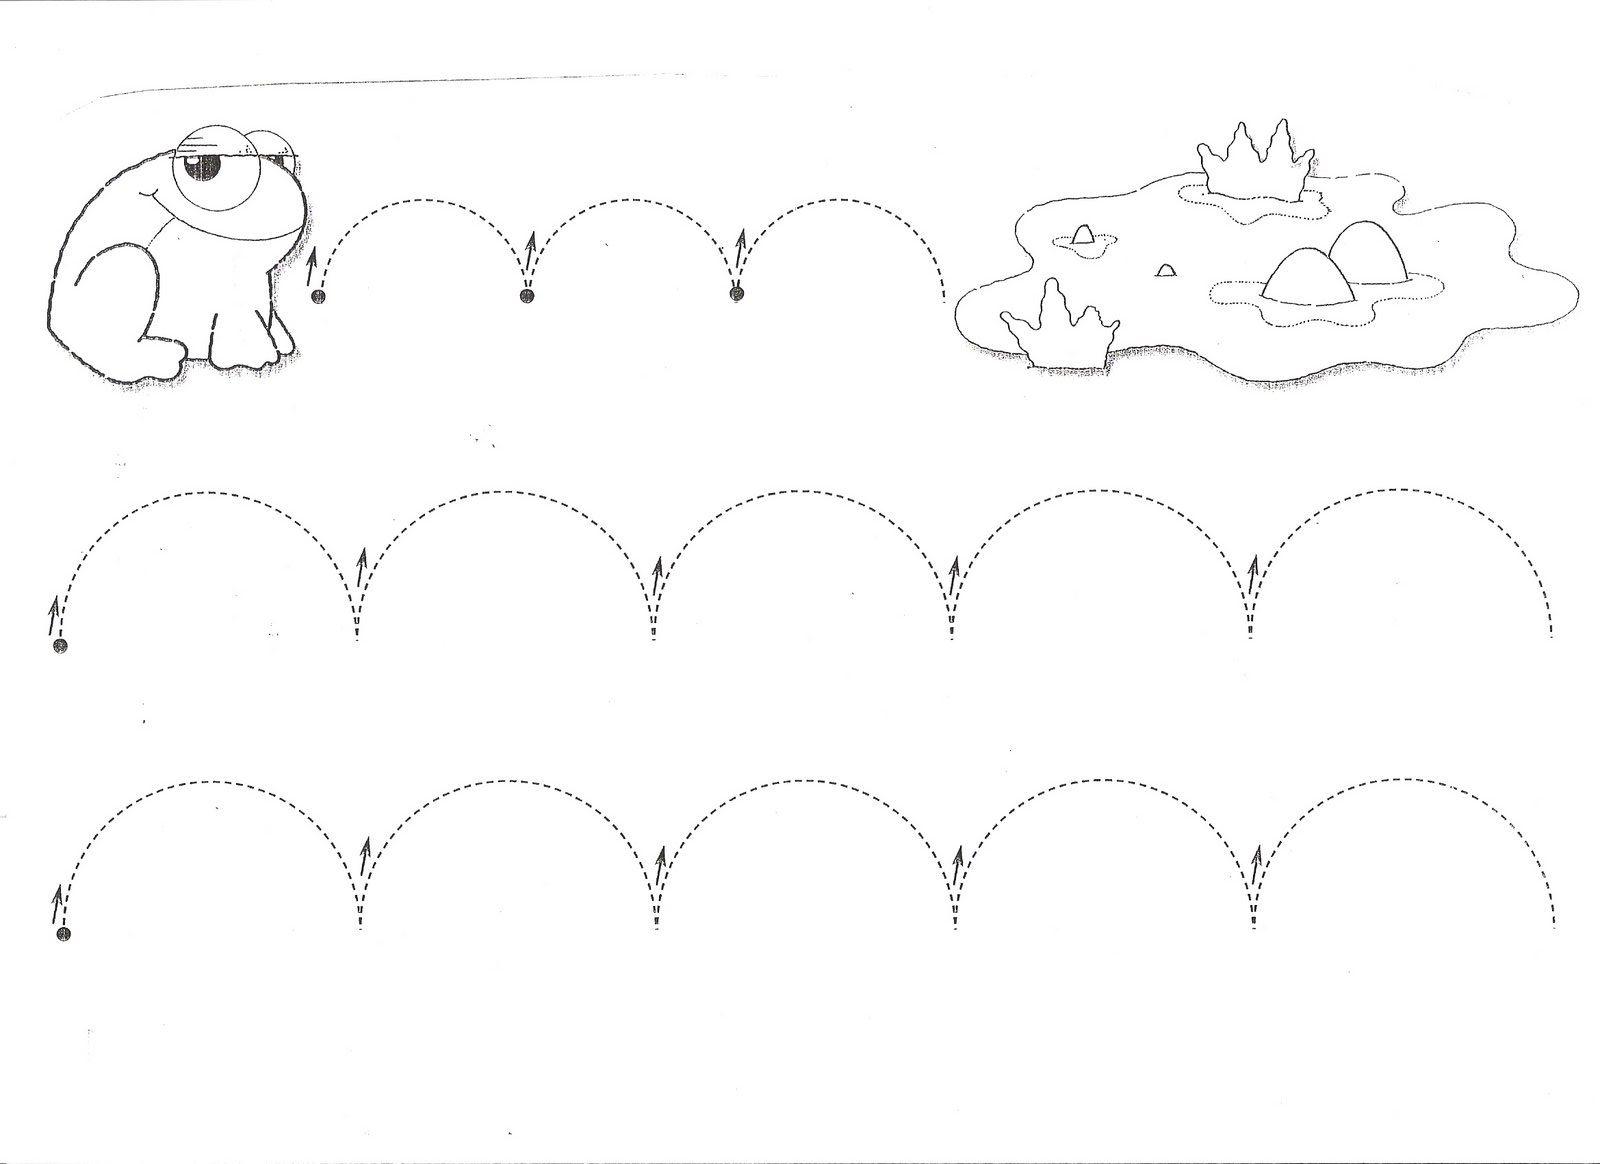 Colorear Dibujos Ninos 3 Anos: Grafomotricidad, Trazos, Fichas Infantil